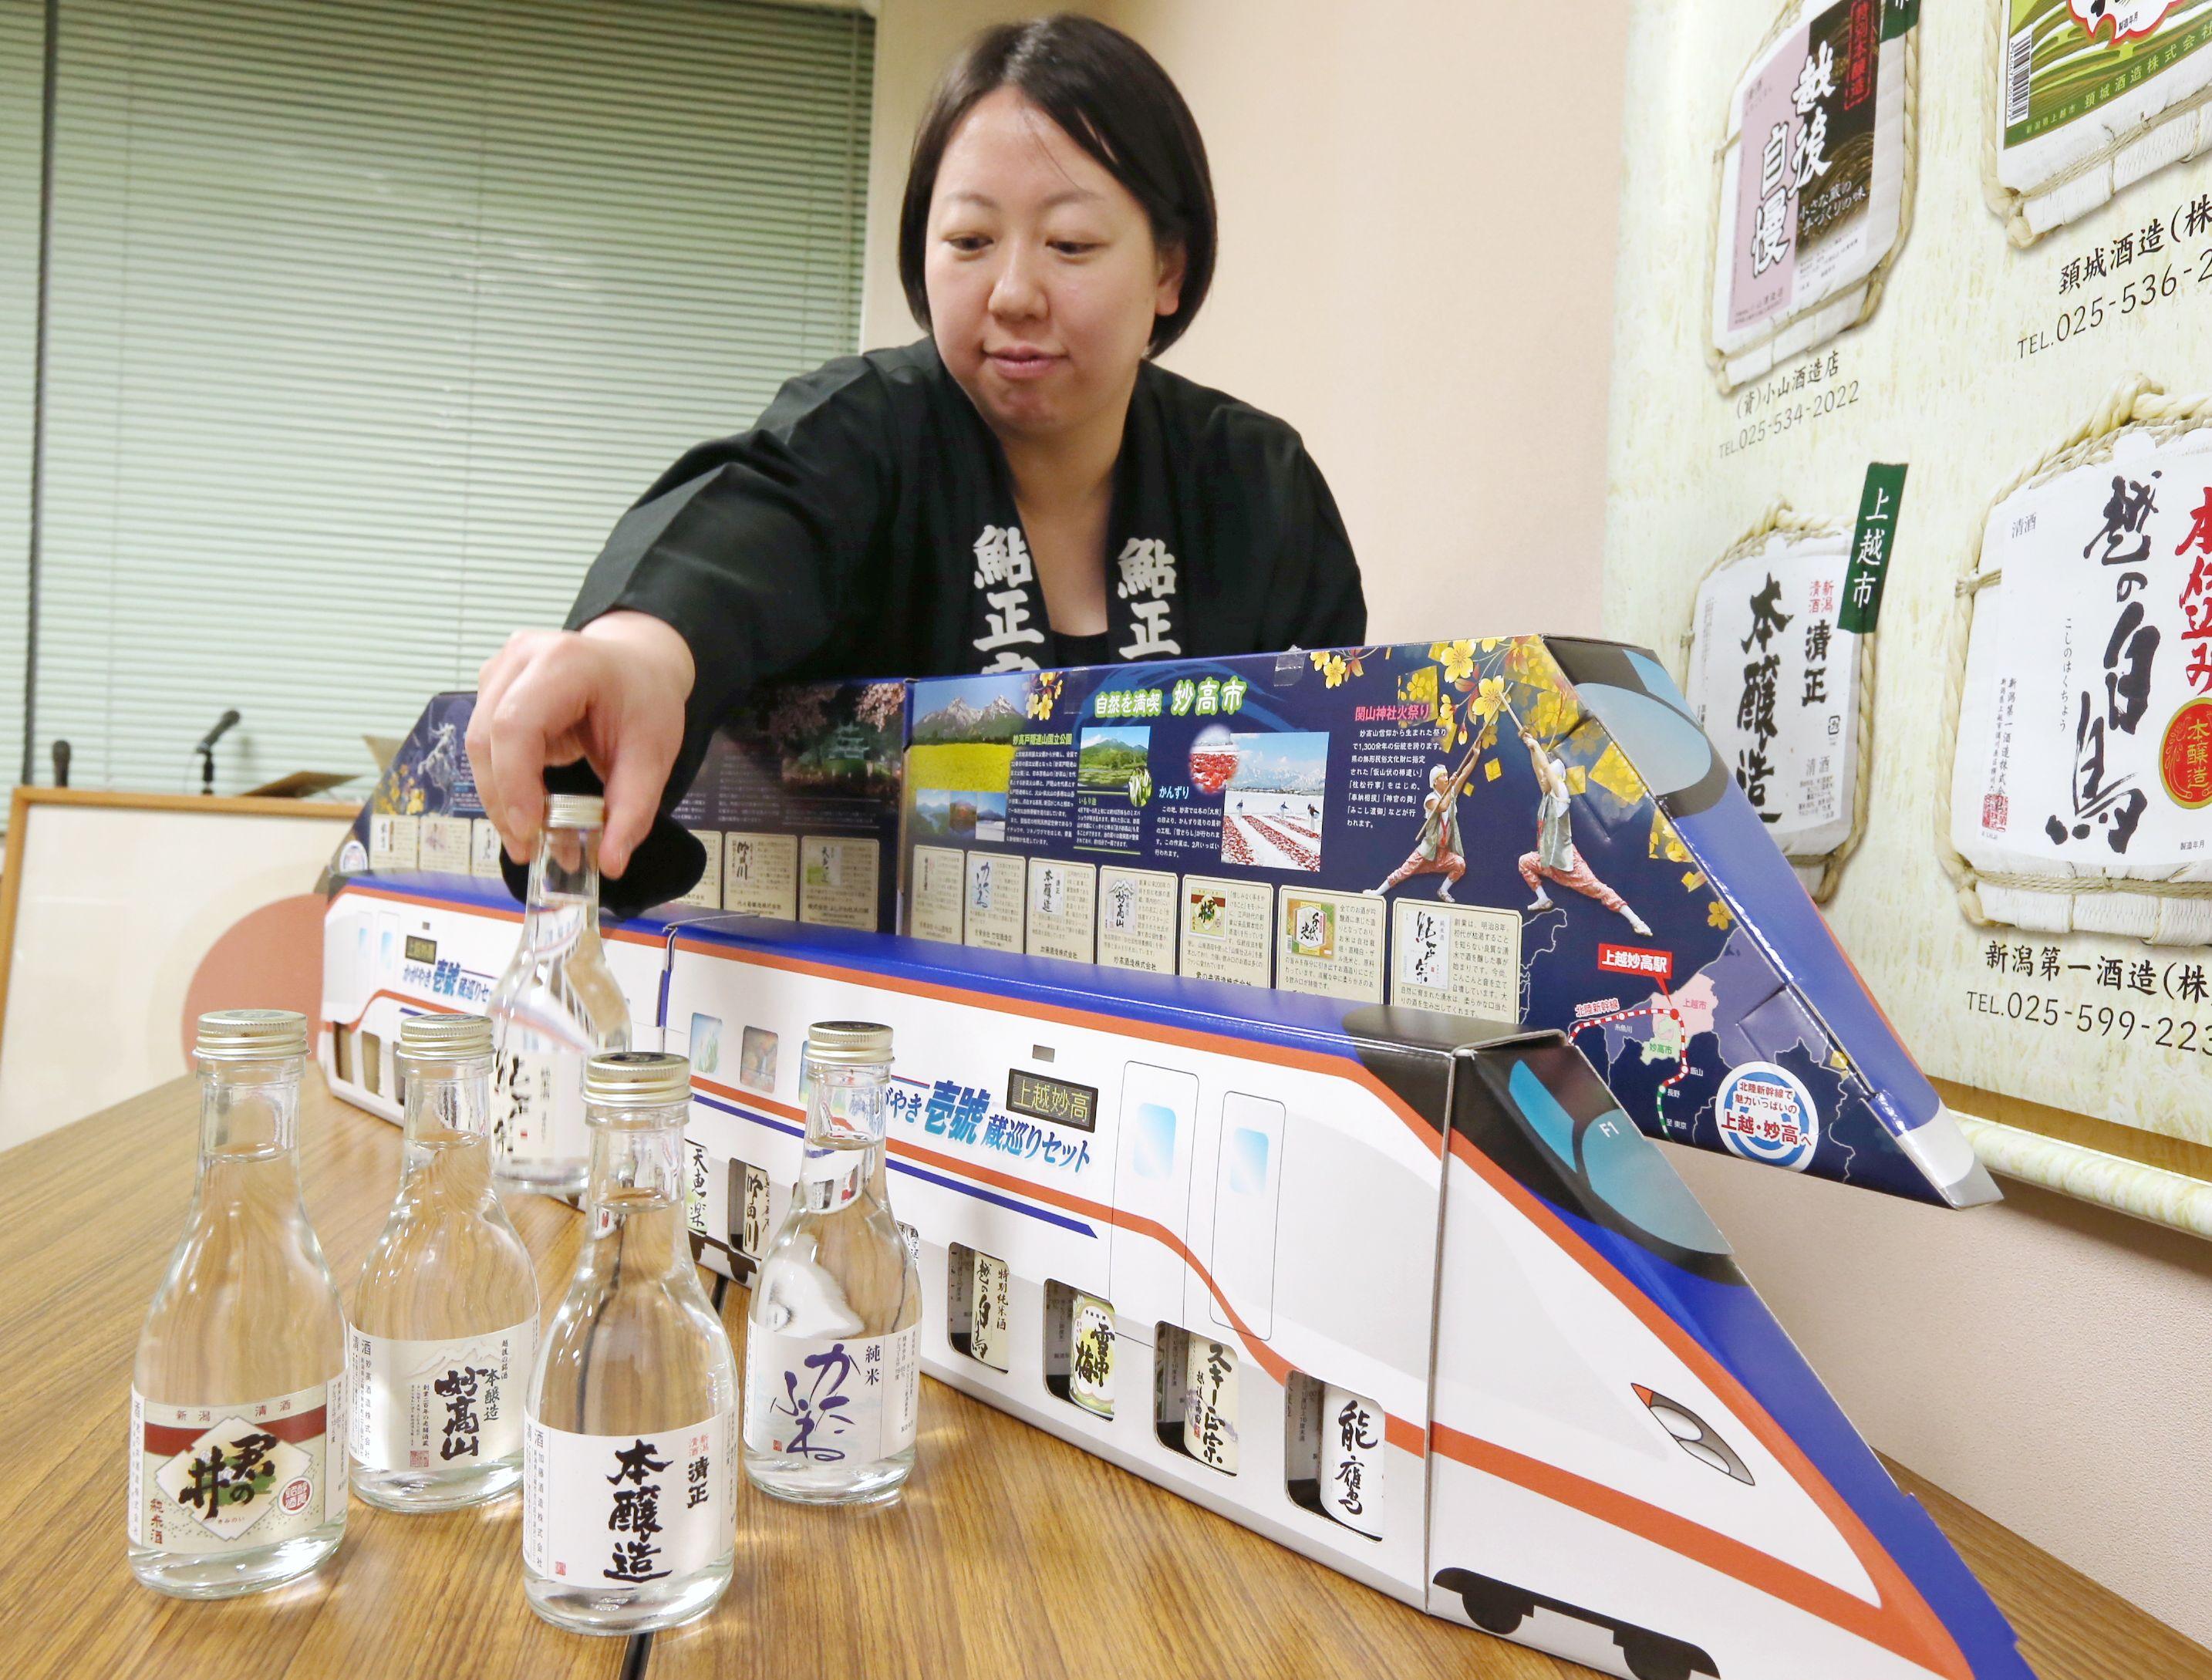 北陸新幹線開業を記念した「かがやき壱號 蔵巡りセット」